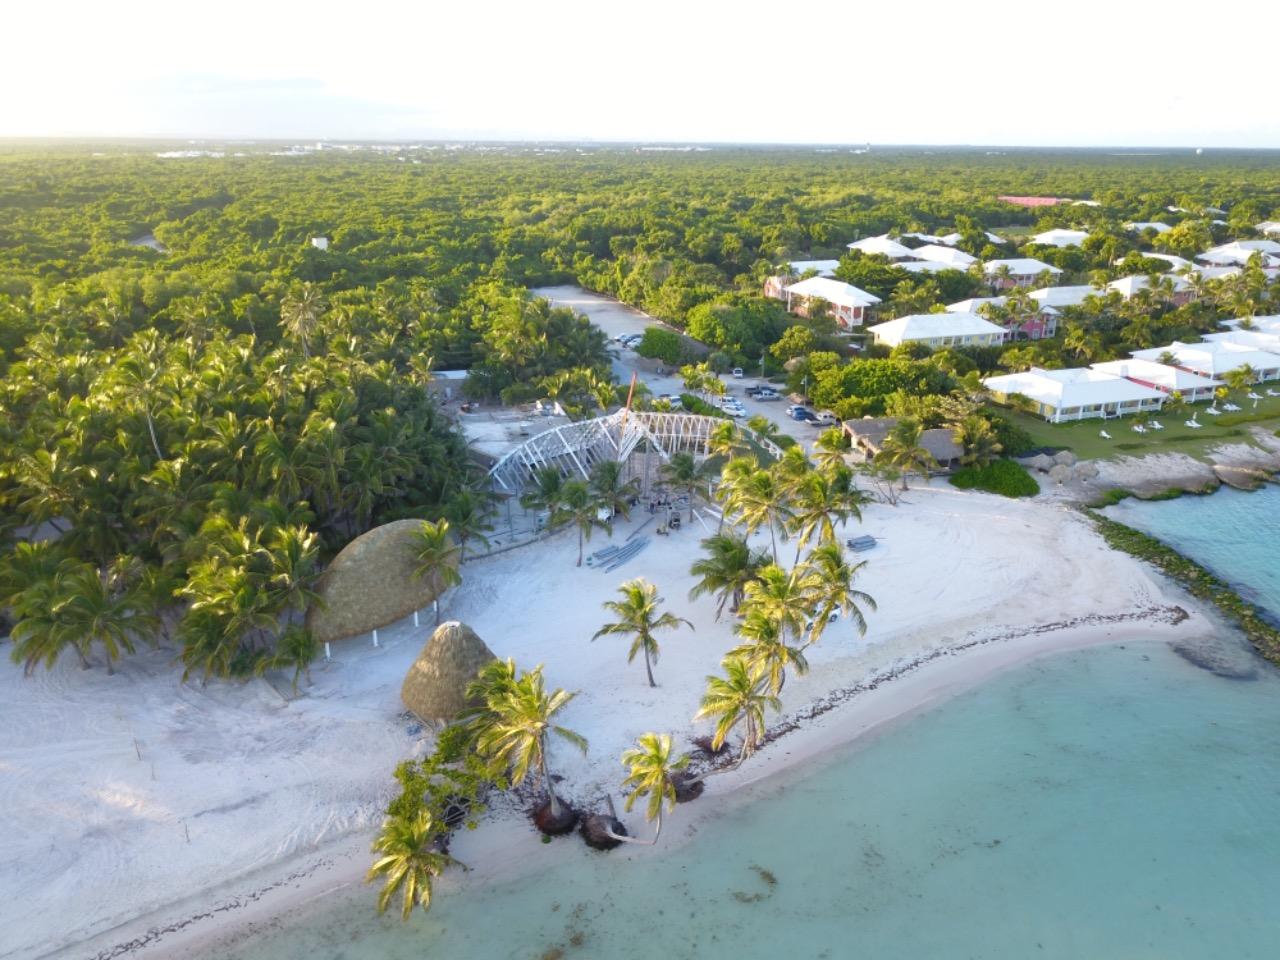 Playa Blanca Restaurant ubicado en Punta Cana cuenta con una estructura metálica en el techo cubierta de cana de palma.